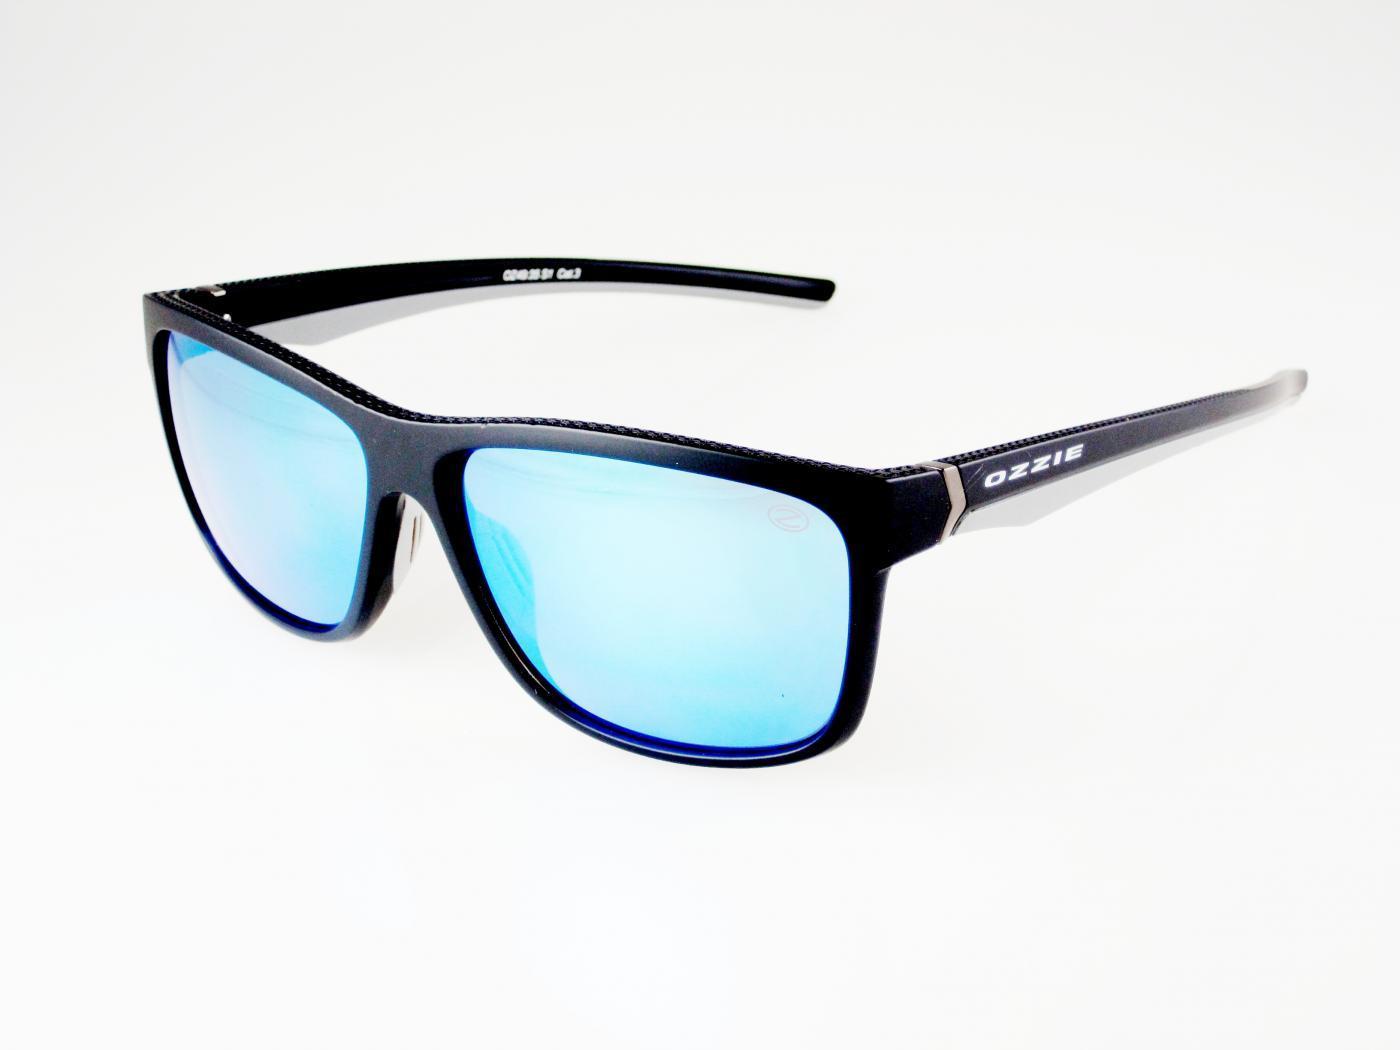 52da24487 Pánske slnečné okuliare Ozzie | oftalens.sk